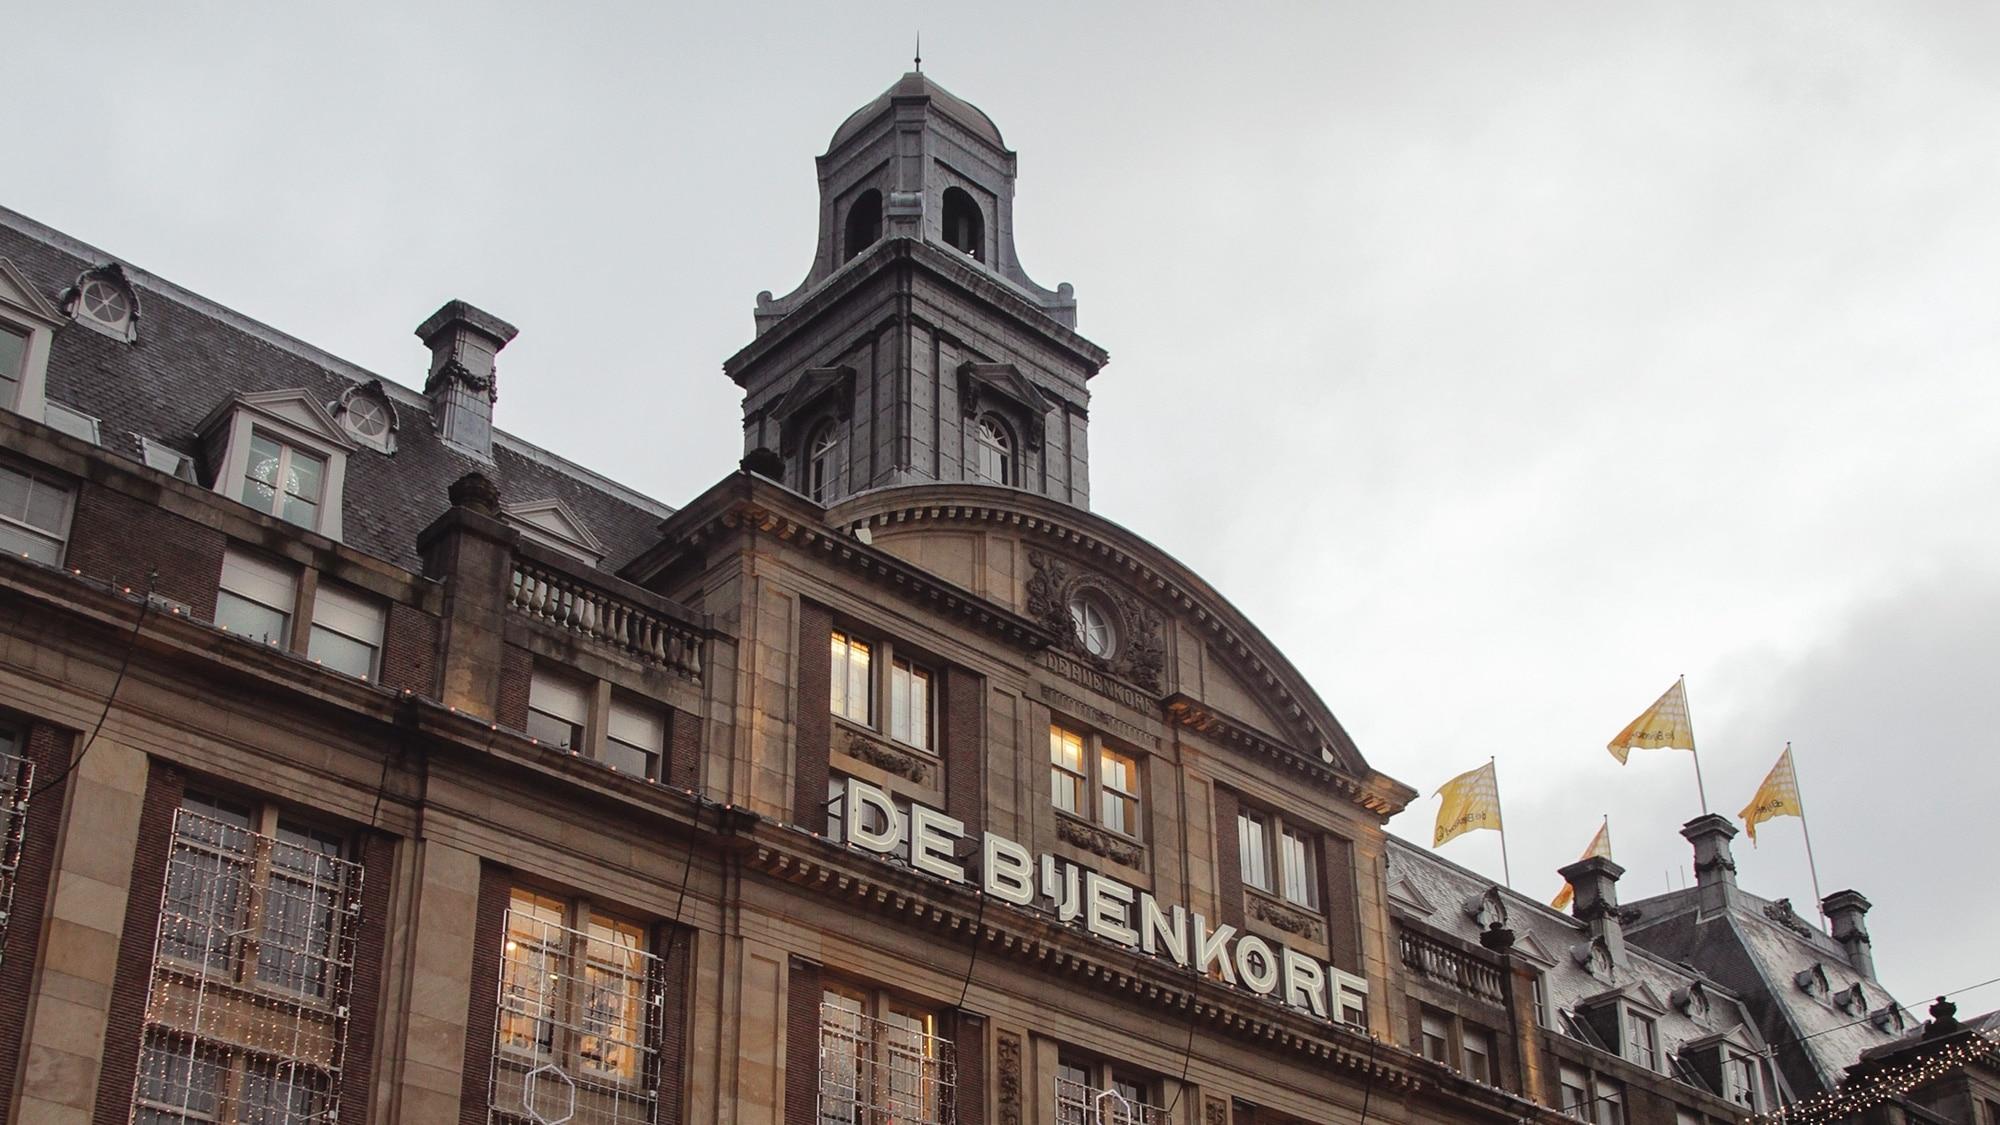 Nice buildings, Amsterdam.